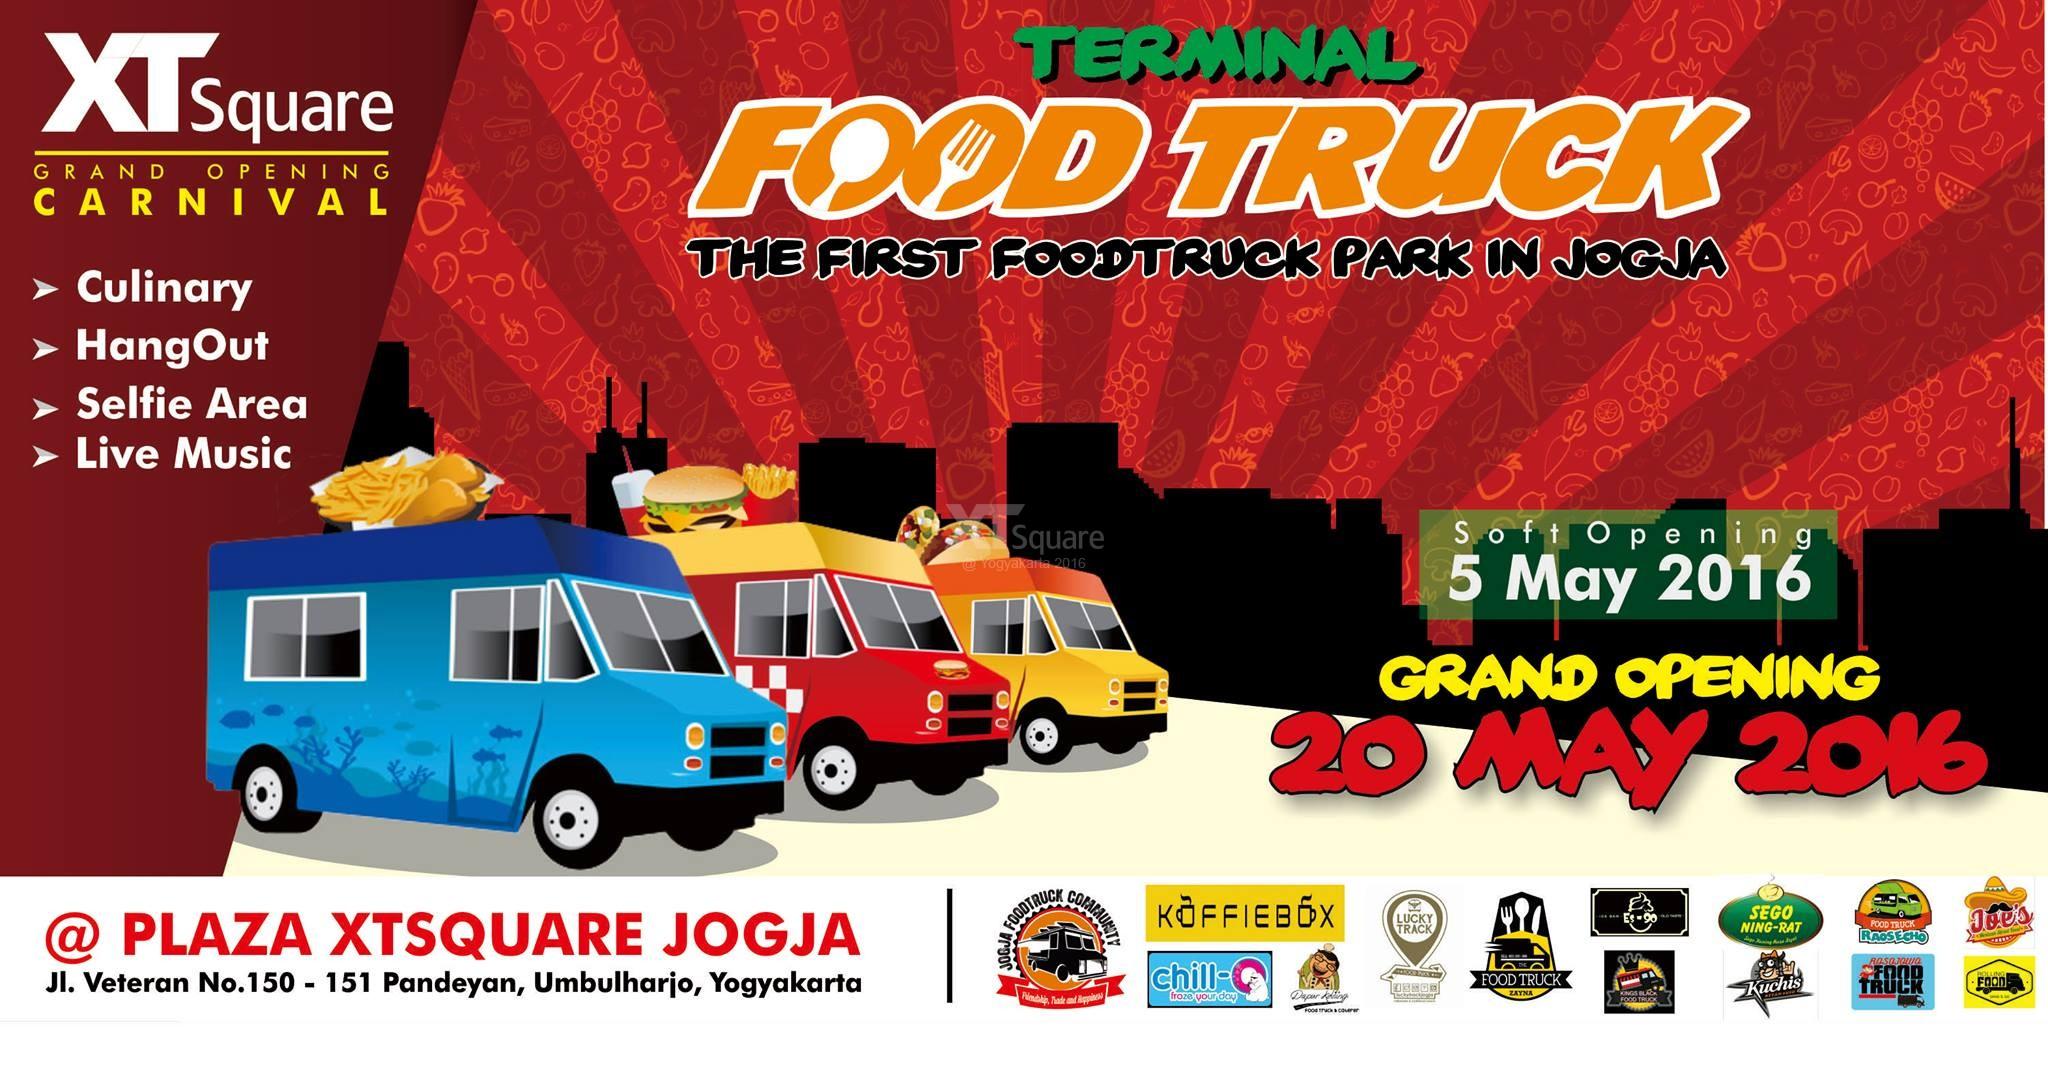 Event Jogja Karnaval Food Truck XT Square